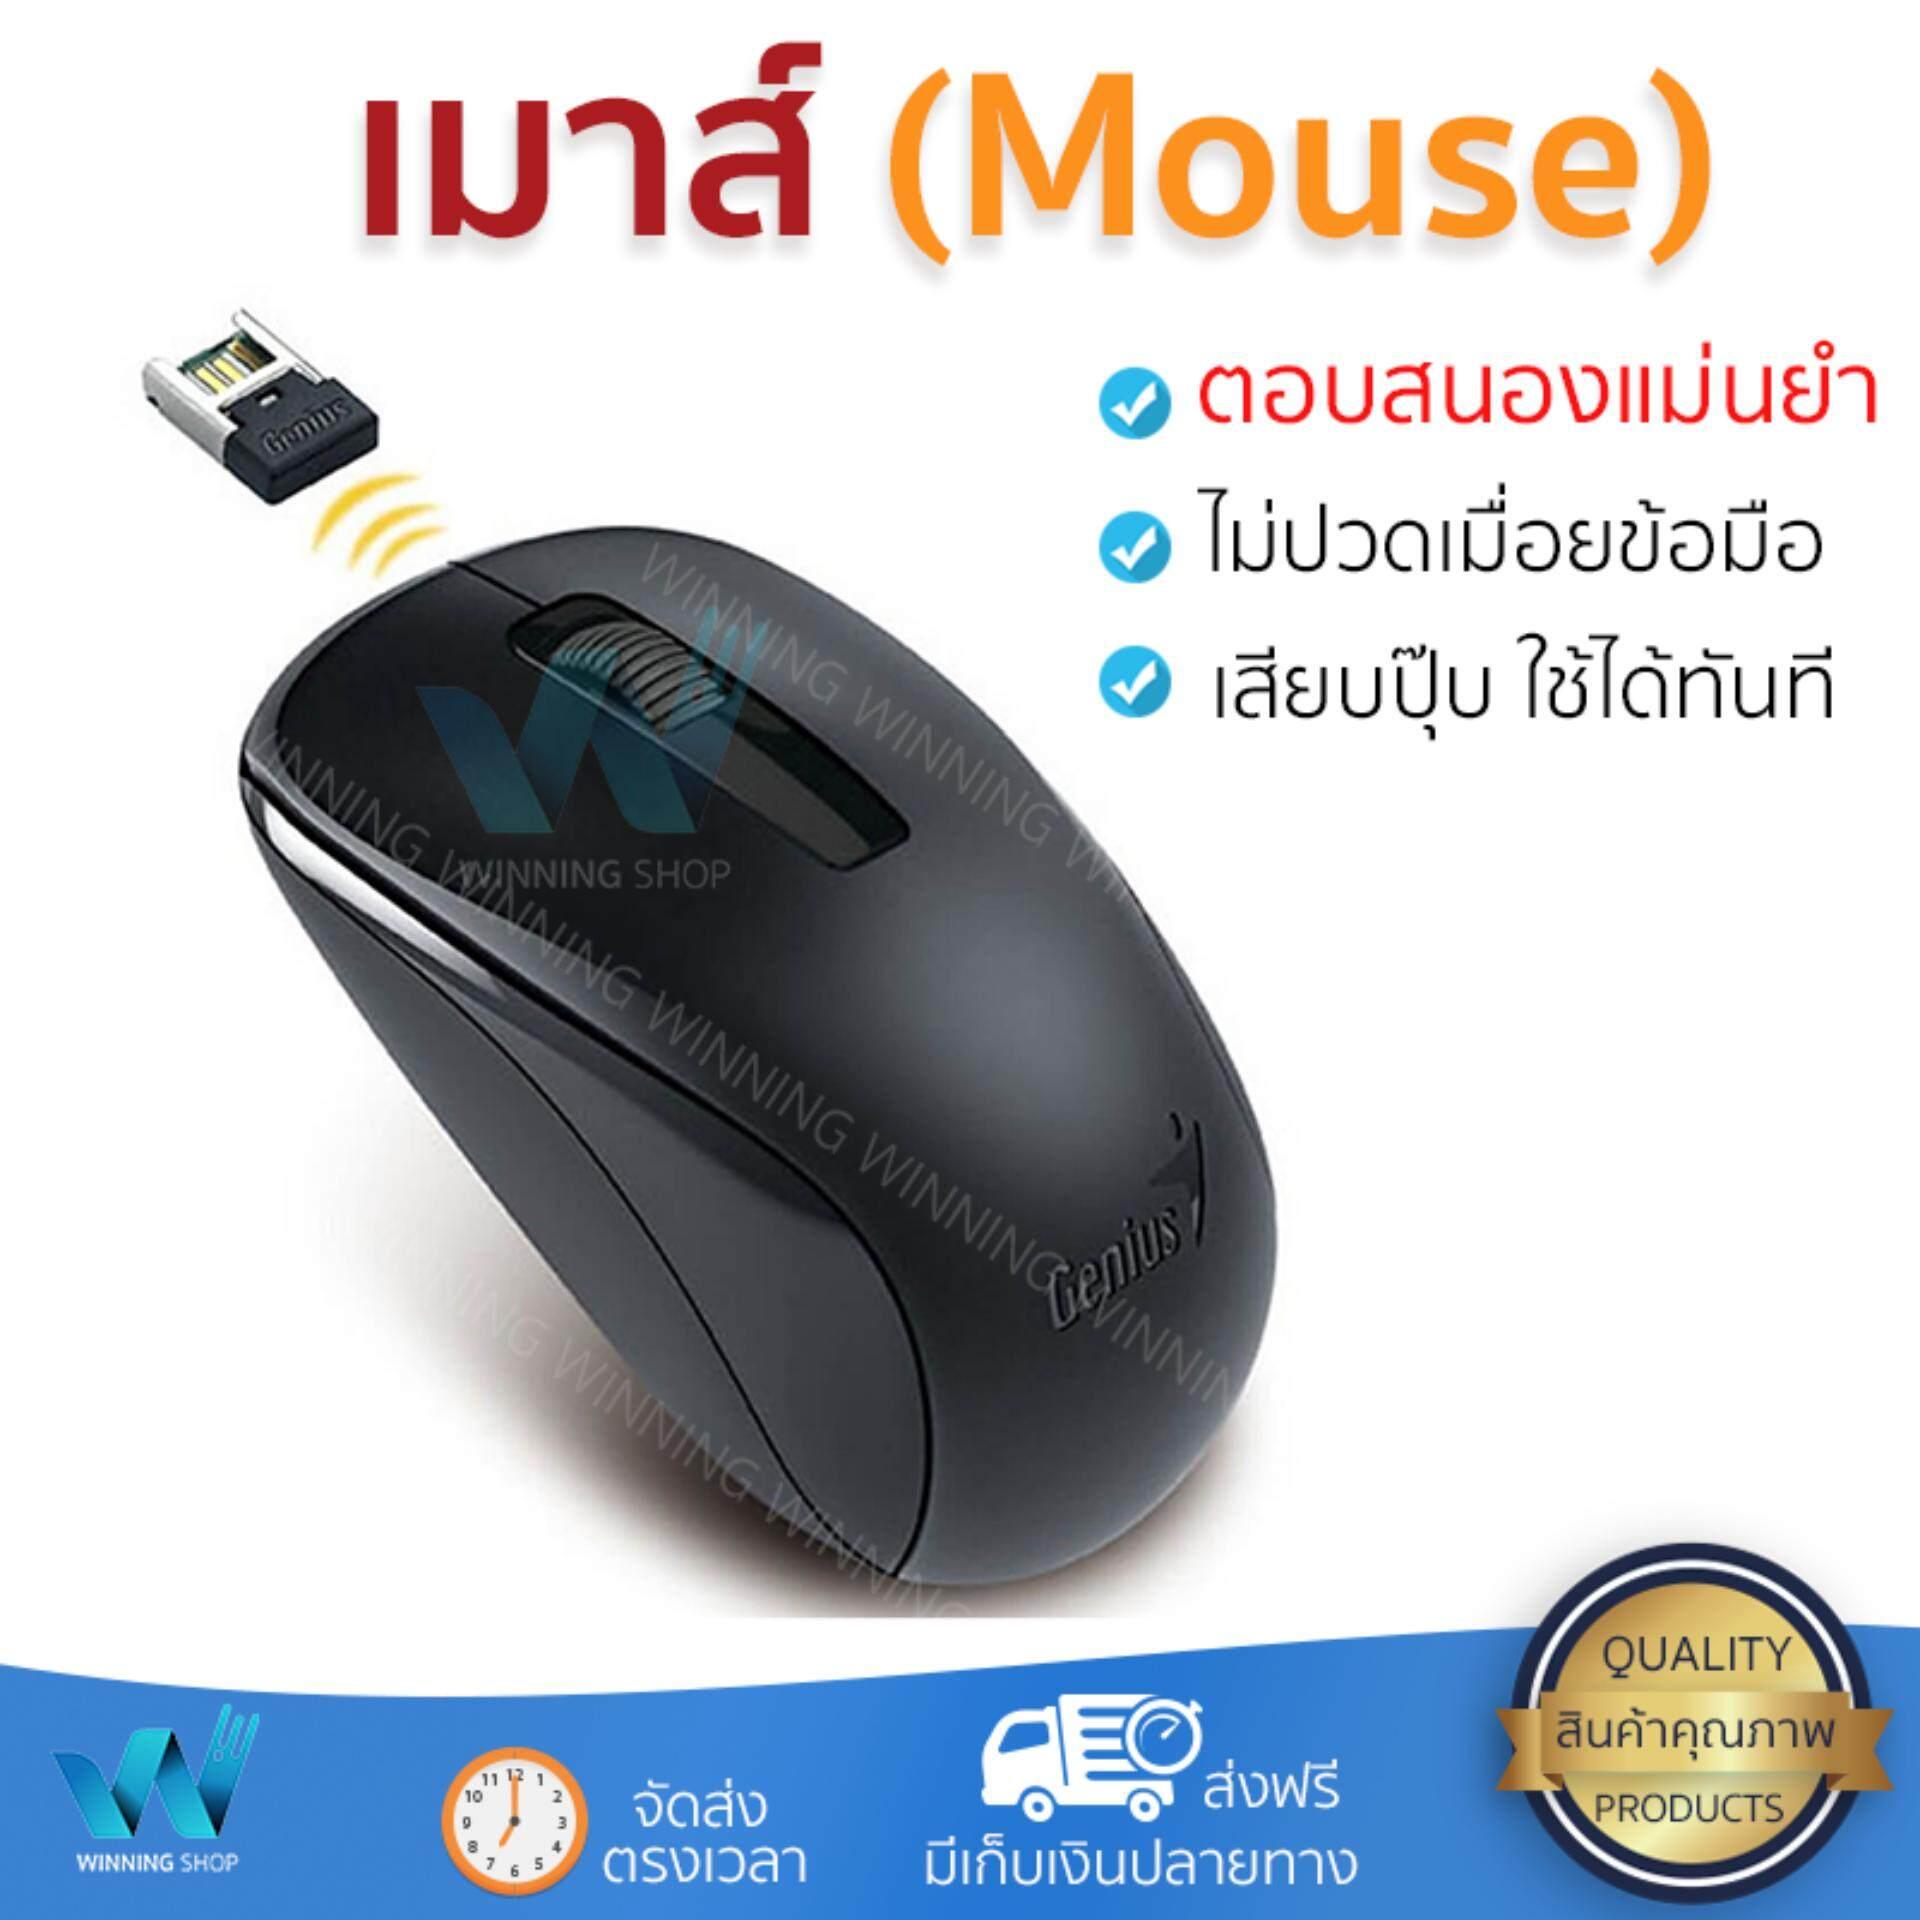 ลดสุดๆ รุ่นใหม่ล่าสุด เมาส์           GENIUS เมาส์ไร้สาย (สีดำ) รุ่น NX-7005             เซนเซอร์คุณภาพสูง ทำงานได้ลื่นไหล ไม่มีสะดุด Computer Mouse  รับประกันสินค้า 1 ปี จัดส่งฟรี Kerry ทั่วประเทศ